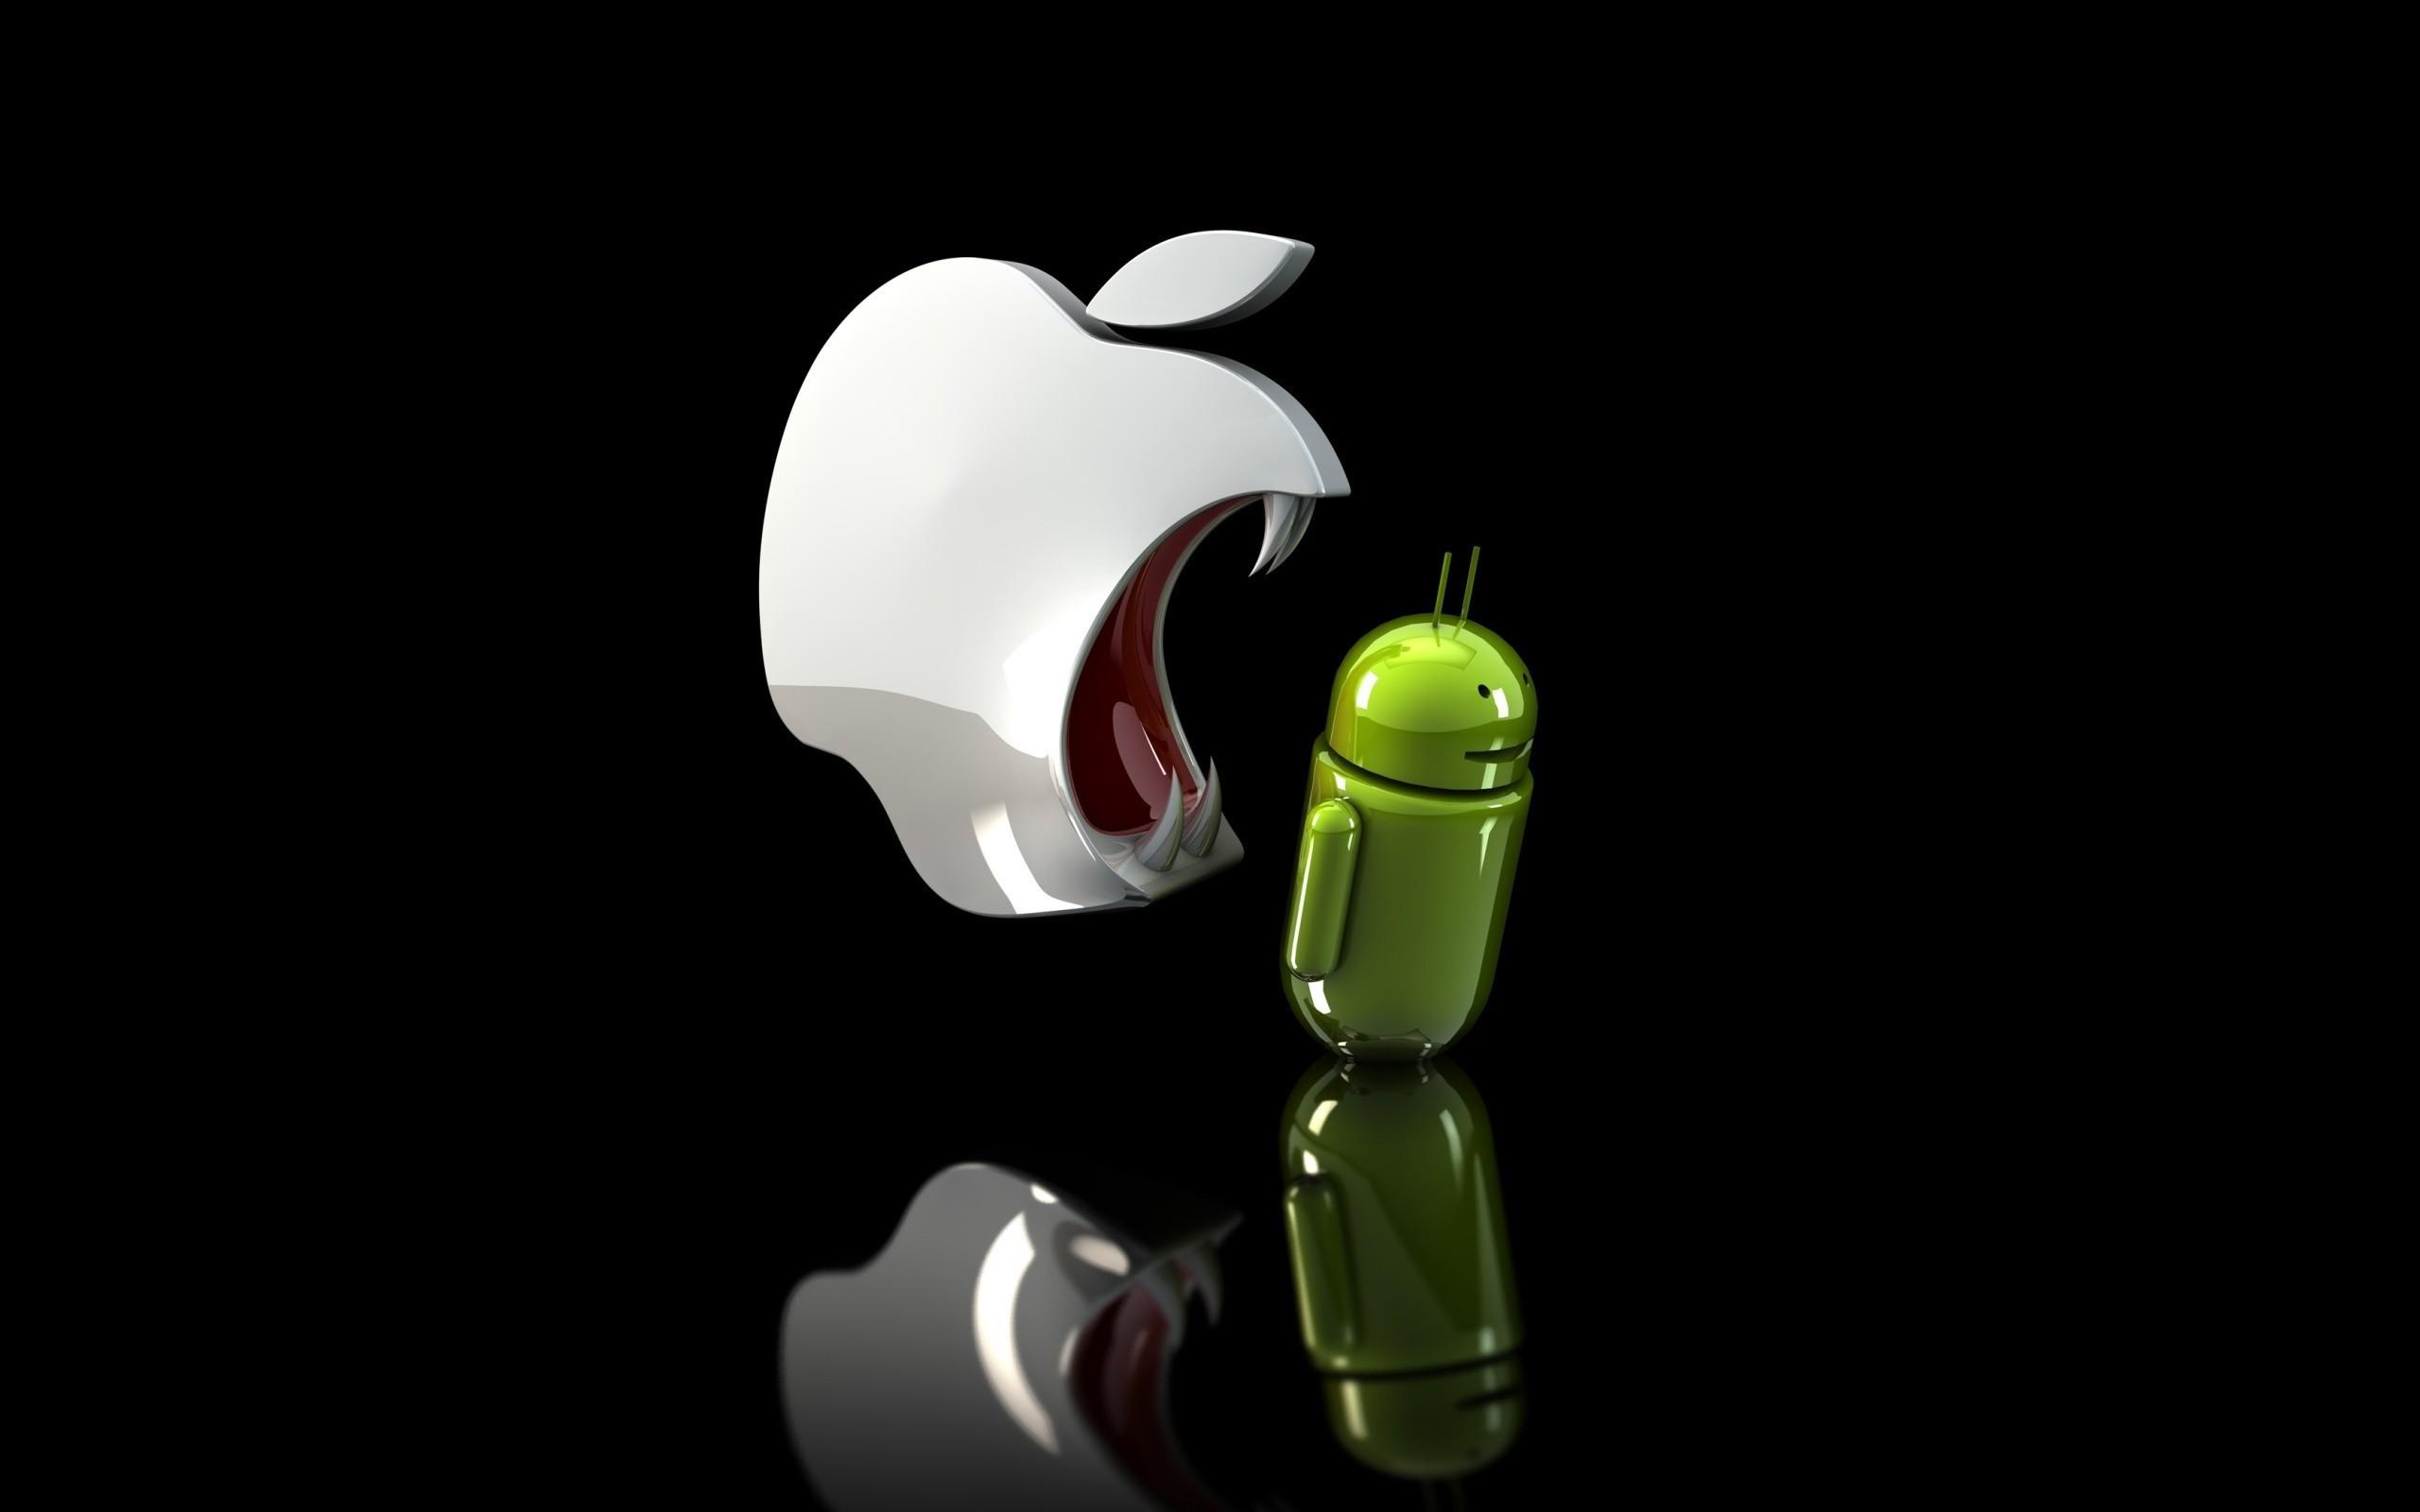 Смешные картинки на обои телефона андроид, днем